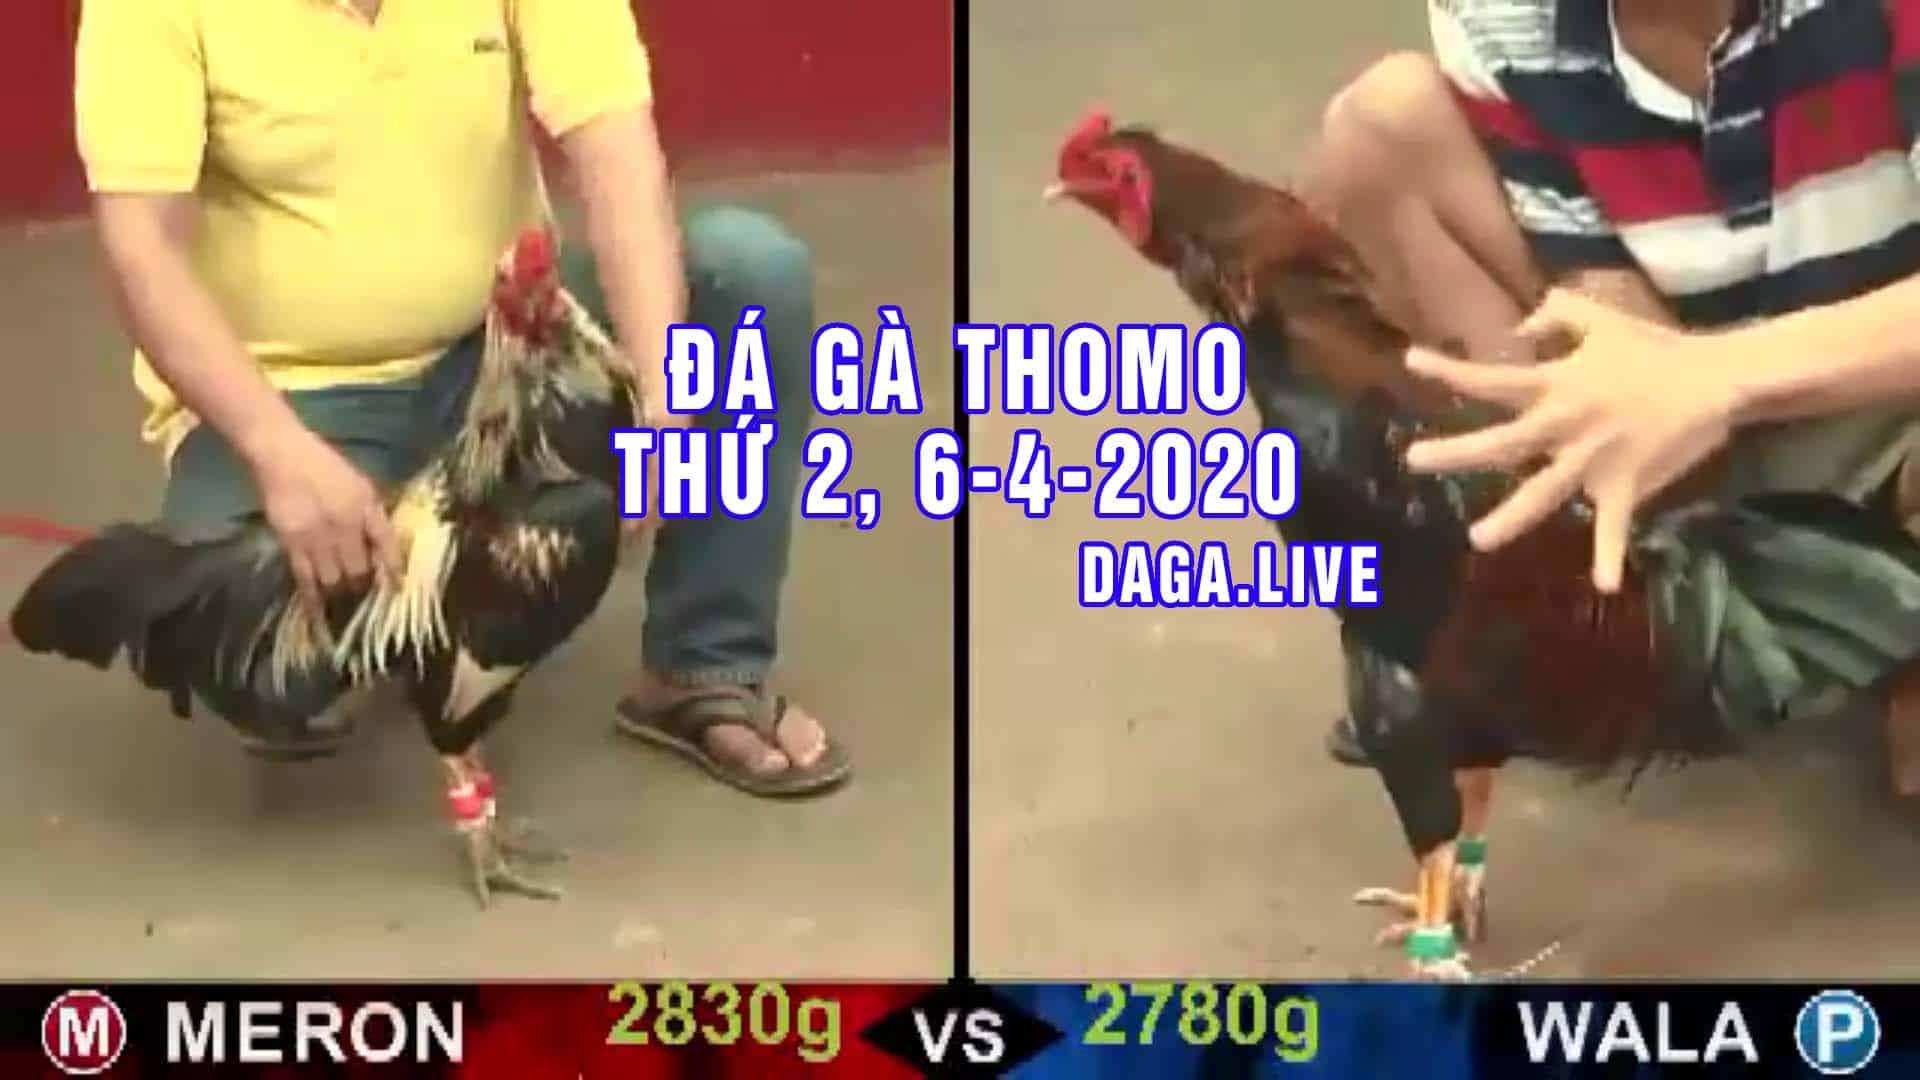 DAGA.LIVE - Đá gà thomo hôm nay, đá gà trực tiếp, đá gà campuchia, đá gà cựa sắt thứ 2 ngày 6-4-2020